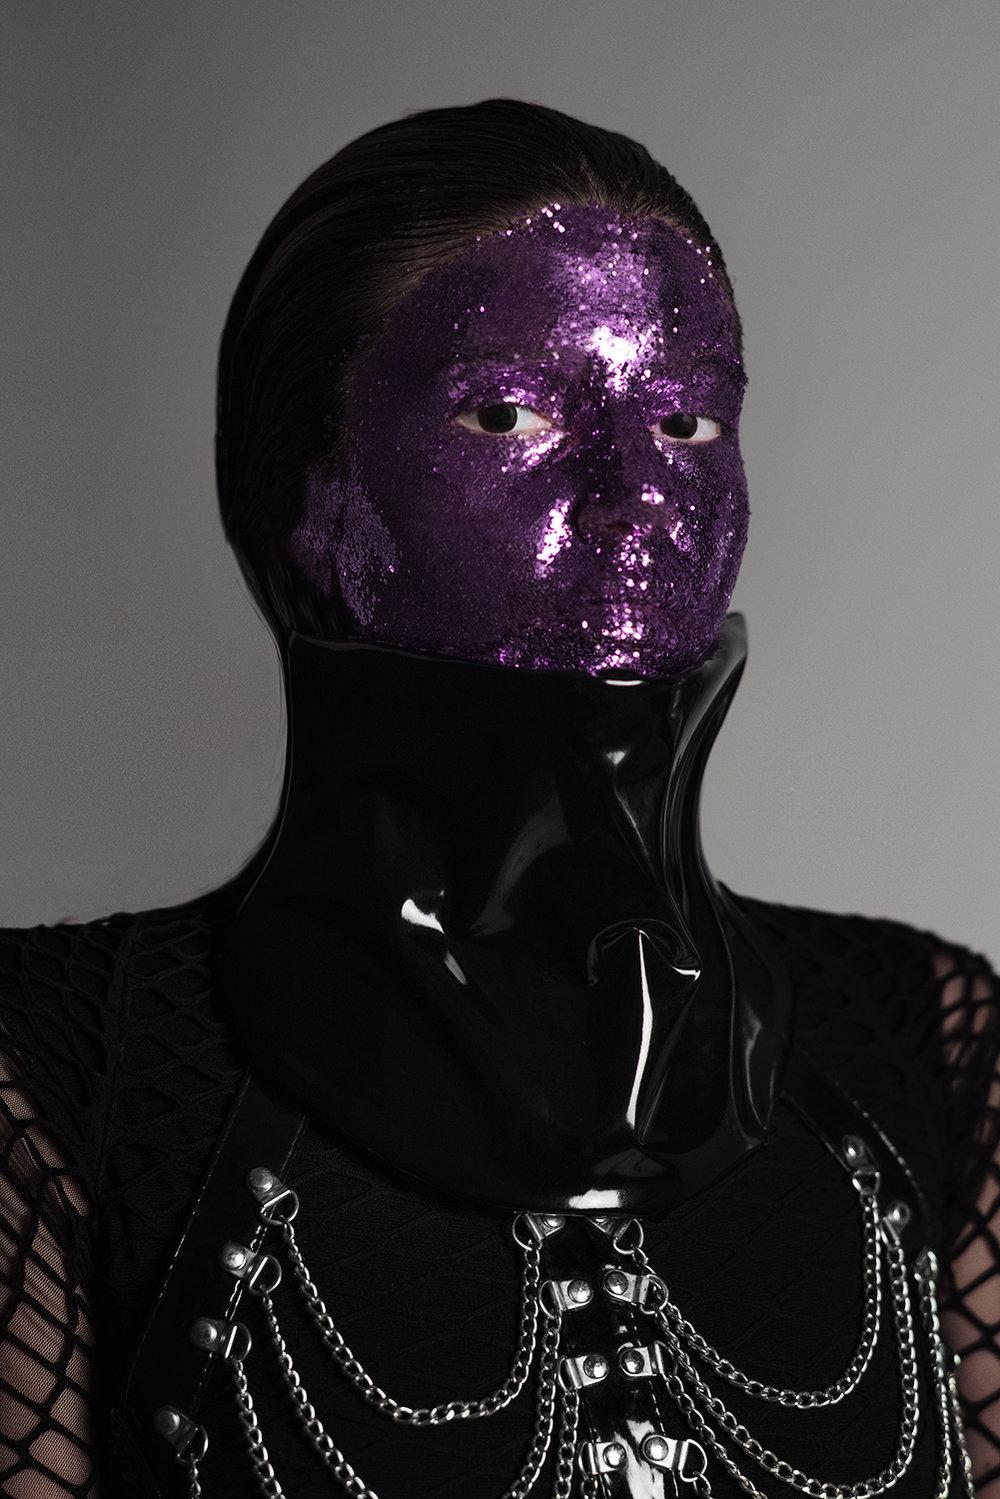 Mambo Negro soy yo. Mambo Negro c'est moi. I am Mambo Negro.   MUA  @natisalvoreino  Assist  @jorgelunaph